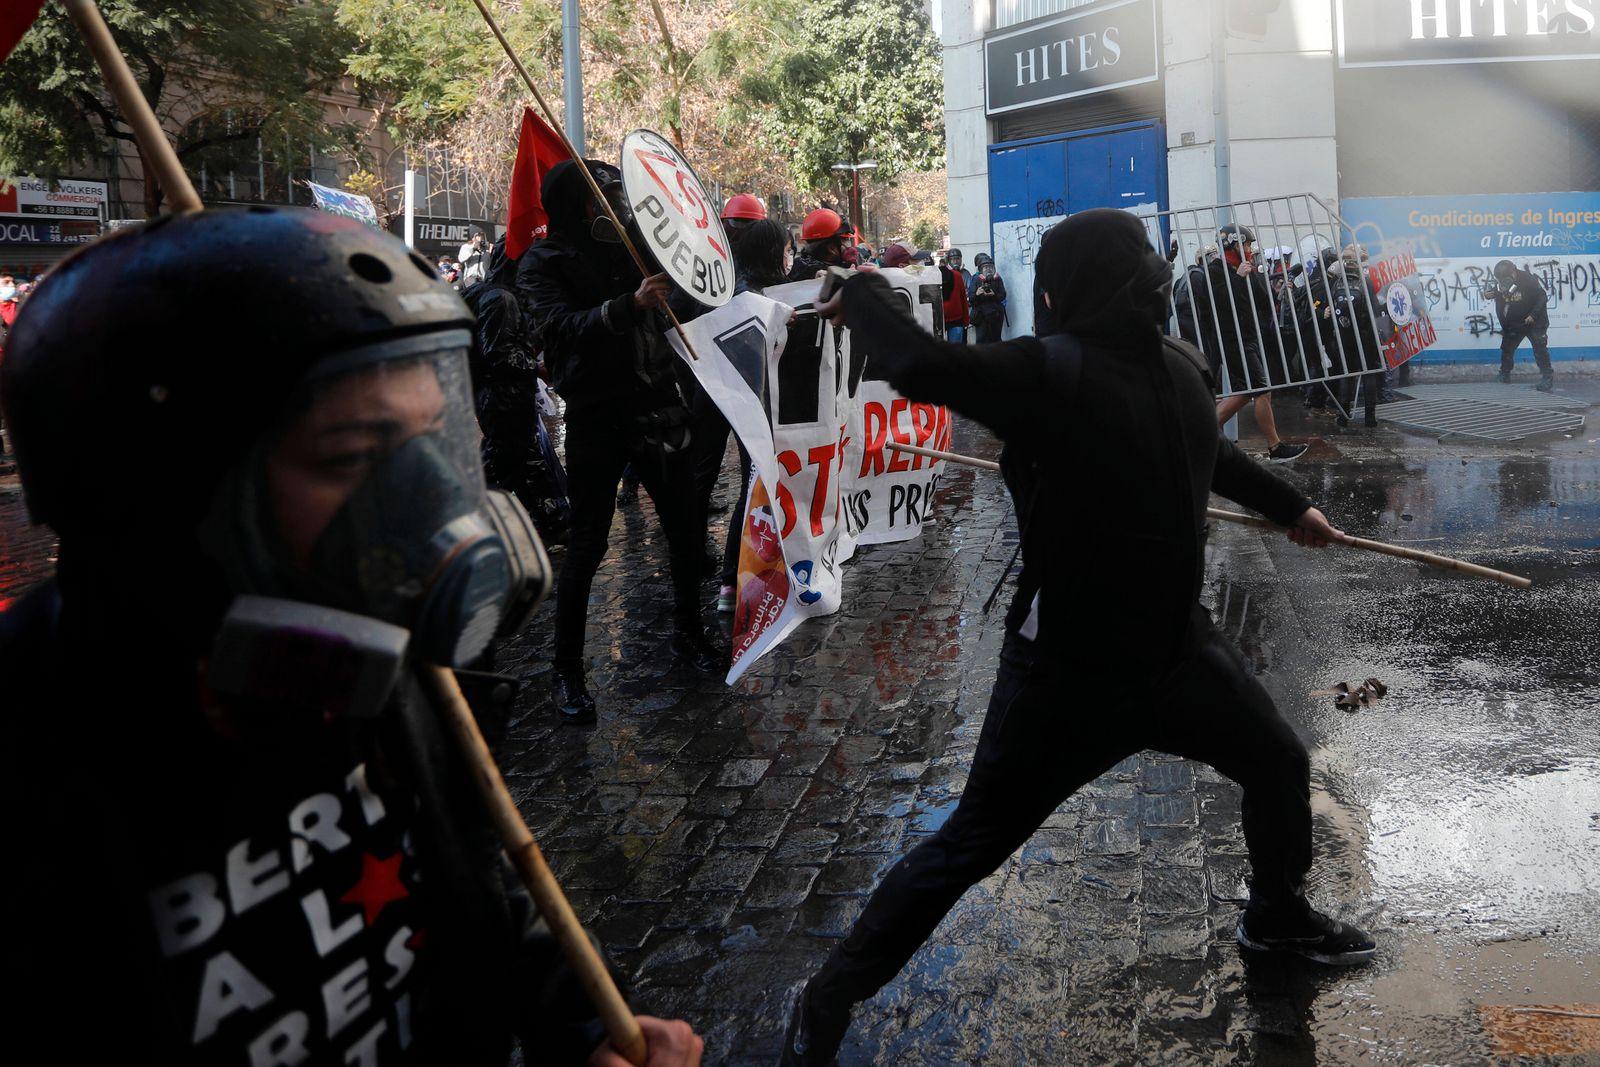 Santiago, 4 de julio de 2021. Manifestantes se enfrentan a carabineros en la plaza de Armas mientras en el ex Congreso